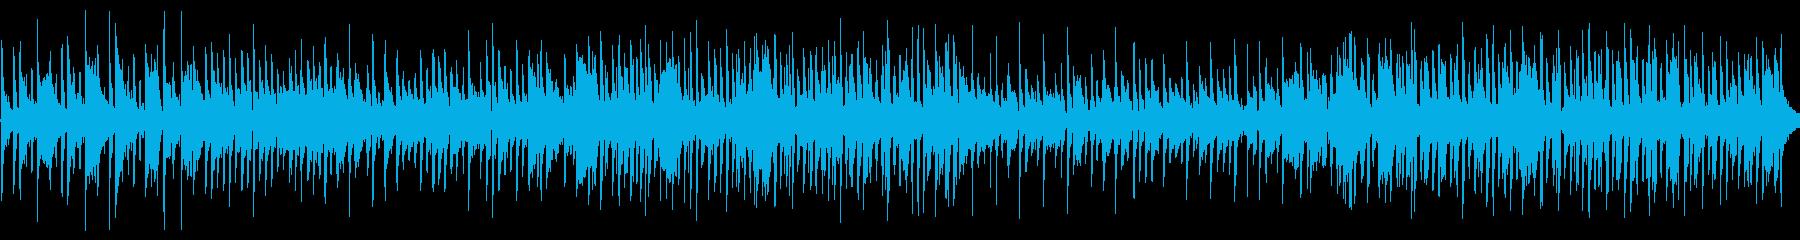 キャッチーなメロディの再生済みの波形